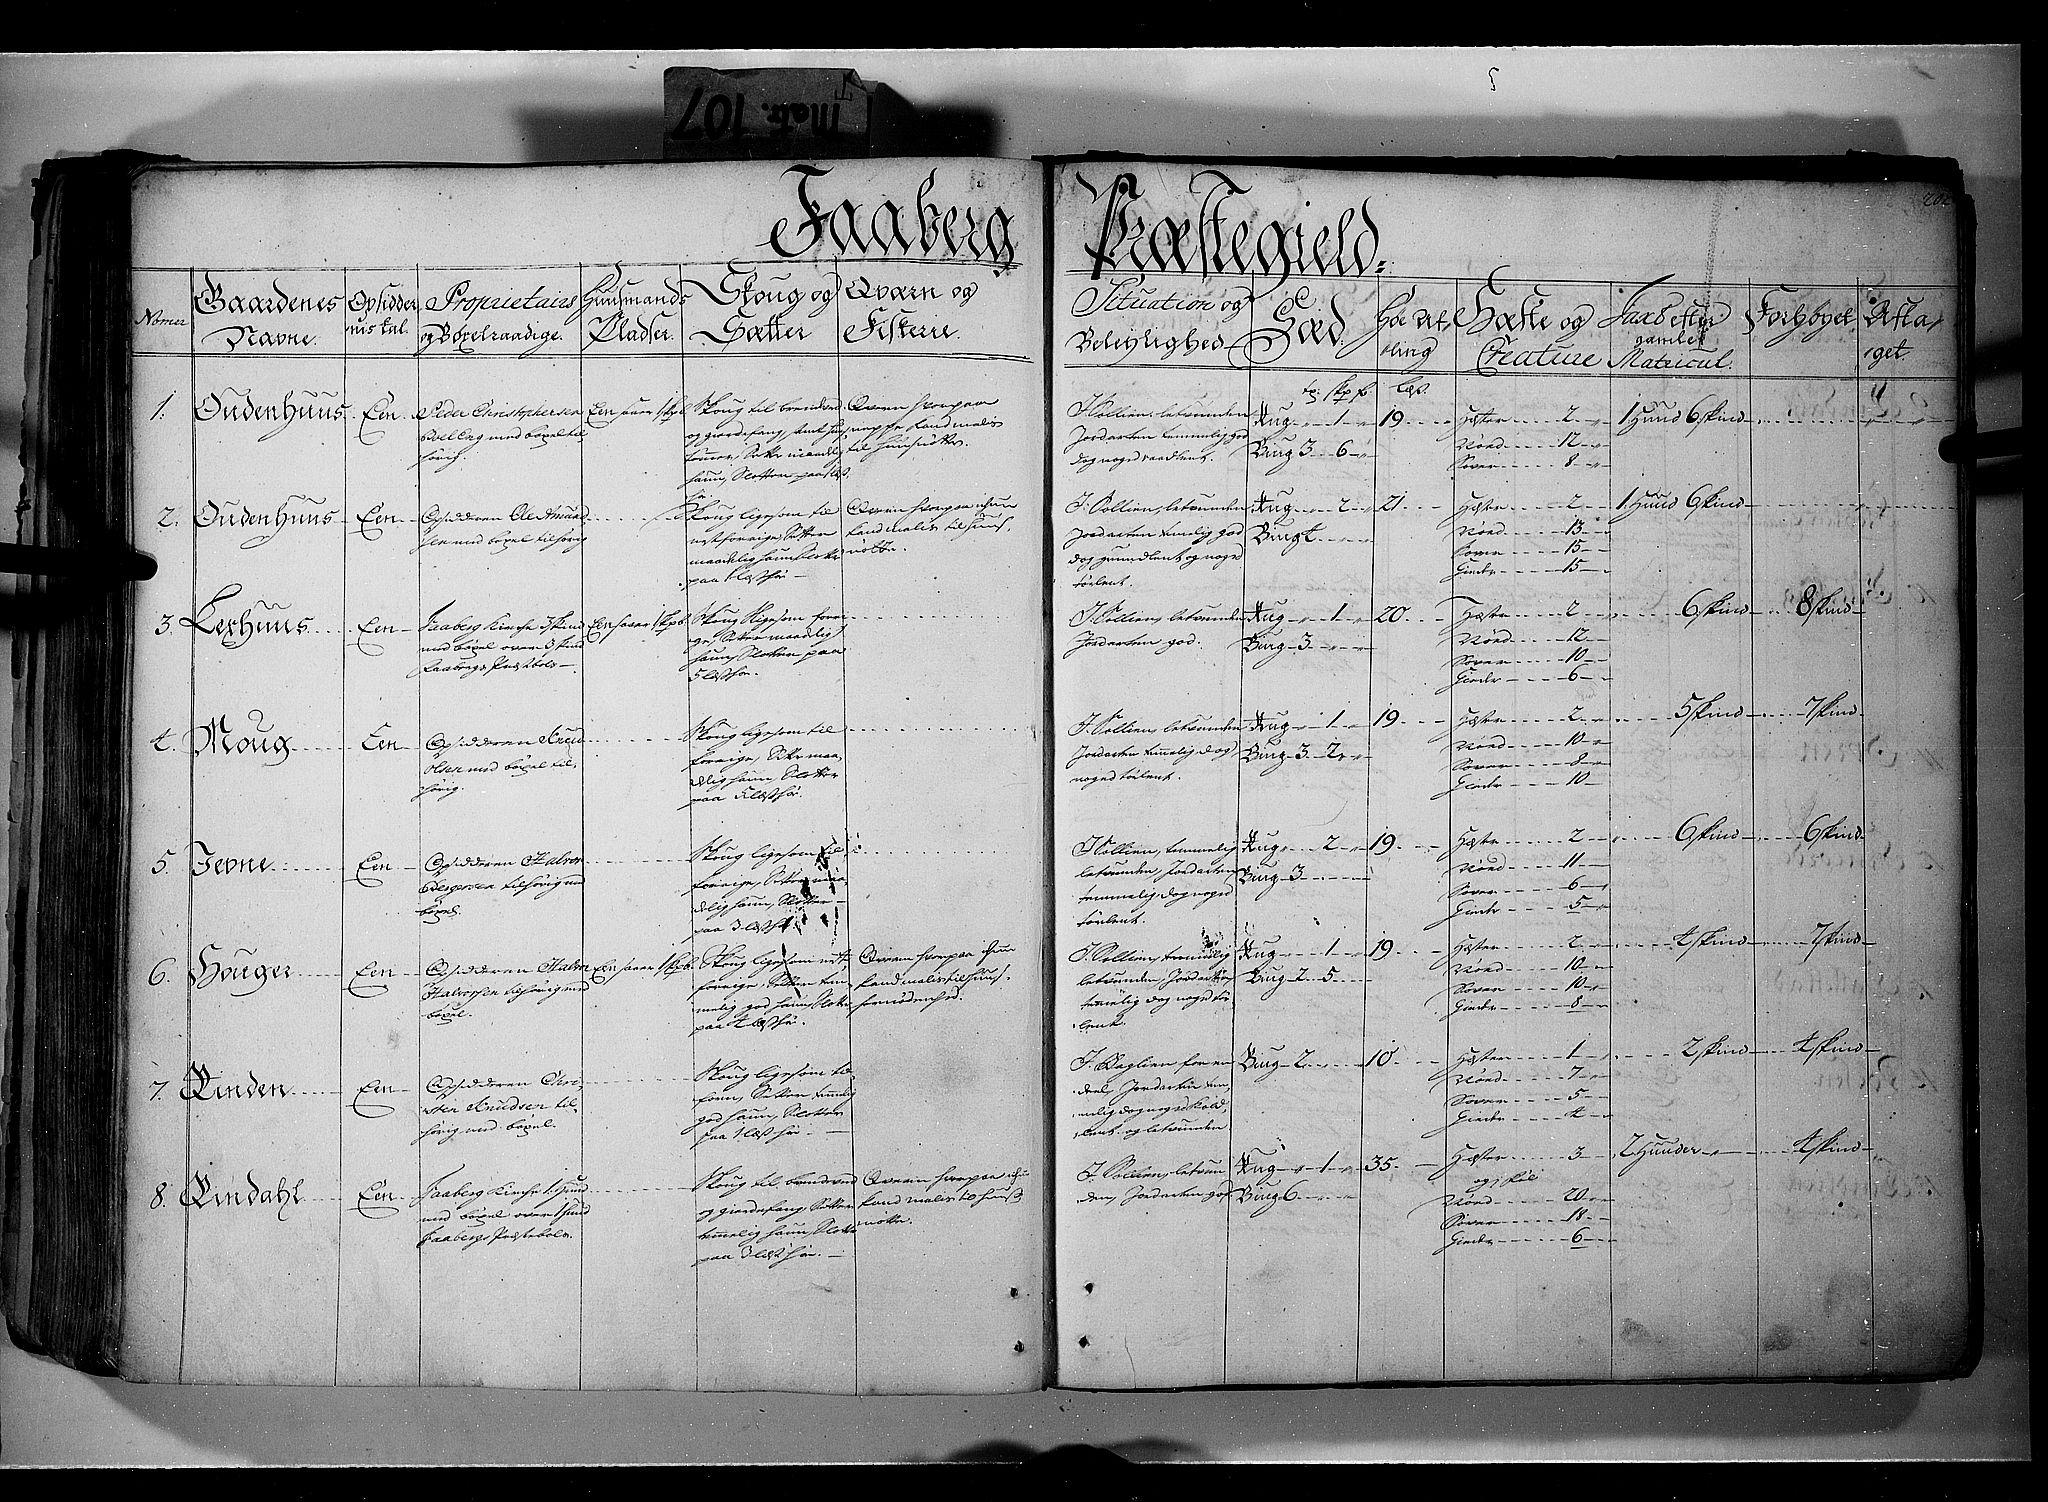 RA, Rentekammeret inntil 1814, Realistisk ordnet avdeling, N/Nb/Nbf/L0107: Gudbrandsdalen eksaminasjonsprotokoll, 1723, s. 201b-202a